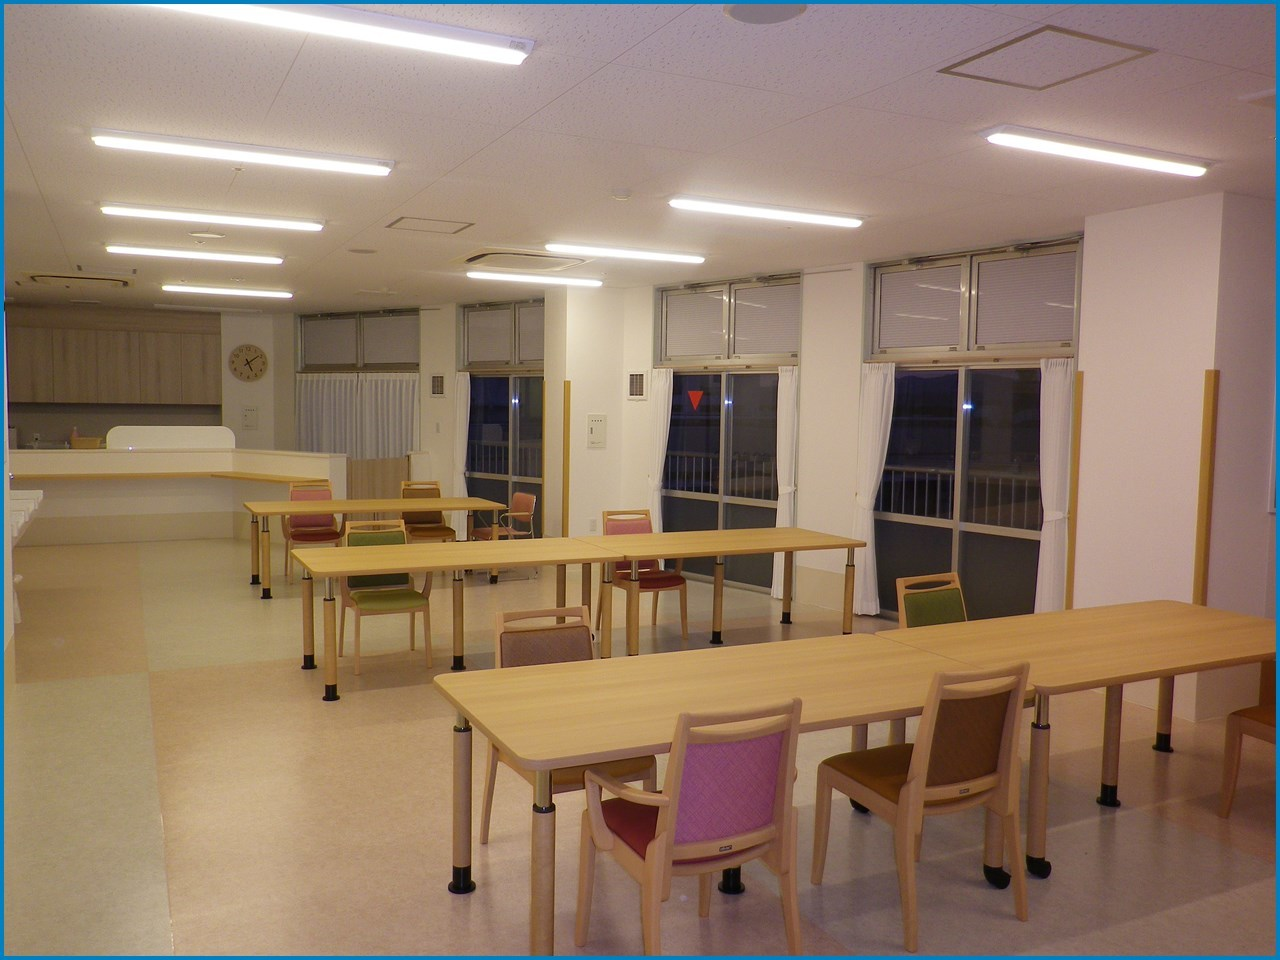 N病院グループ N.W.介護老人保健施設 改修・増築工事 1_c0376508_13111214.jpg